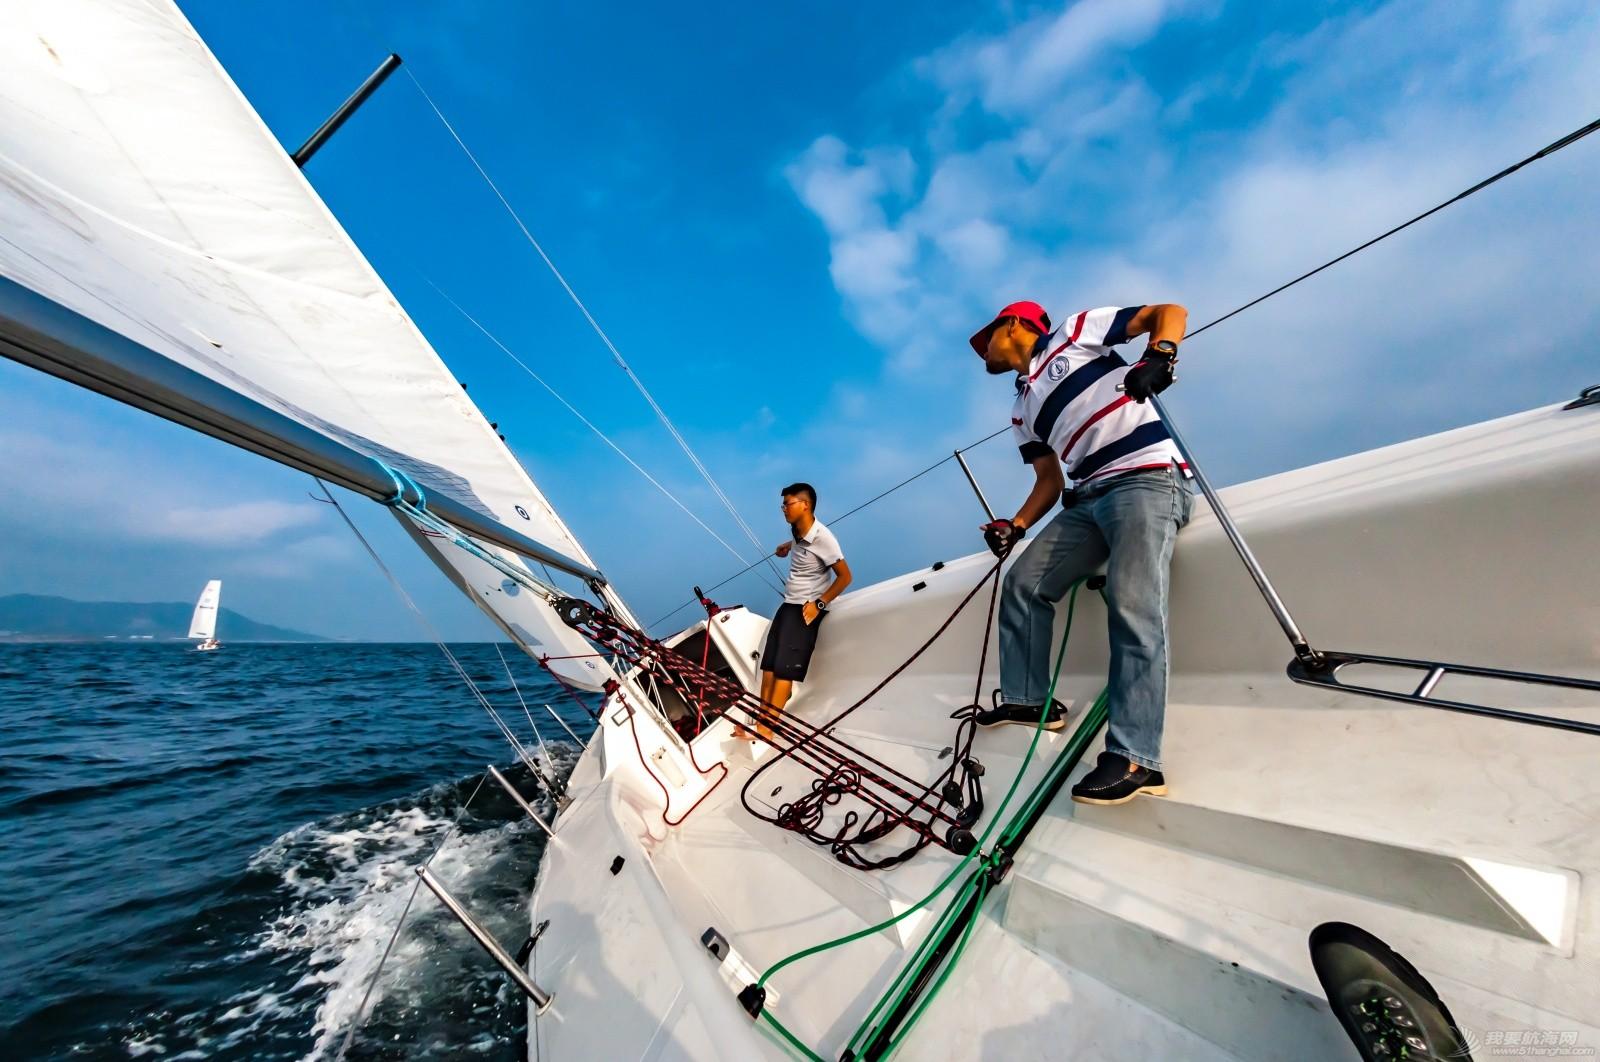 帆船 【2015大鹏杯帆船赛】鱼眼看航海 16016.jpg